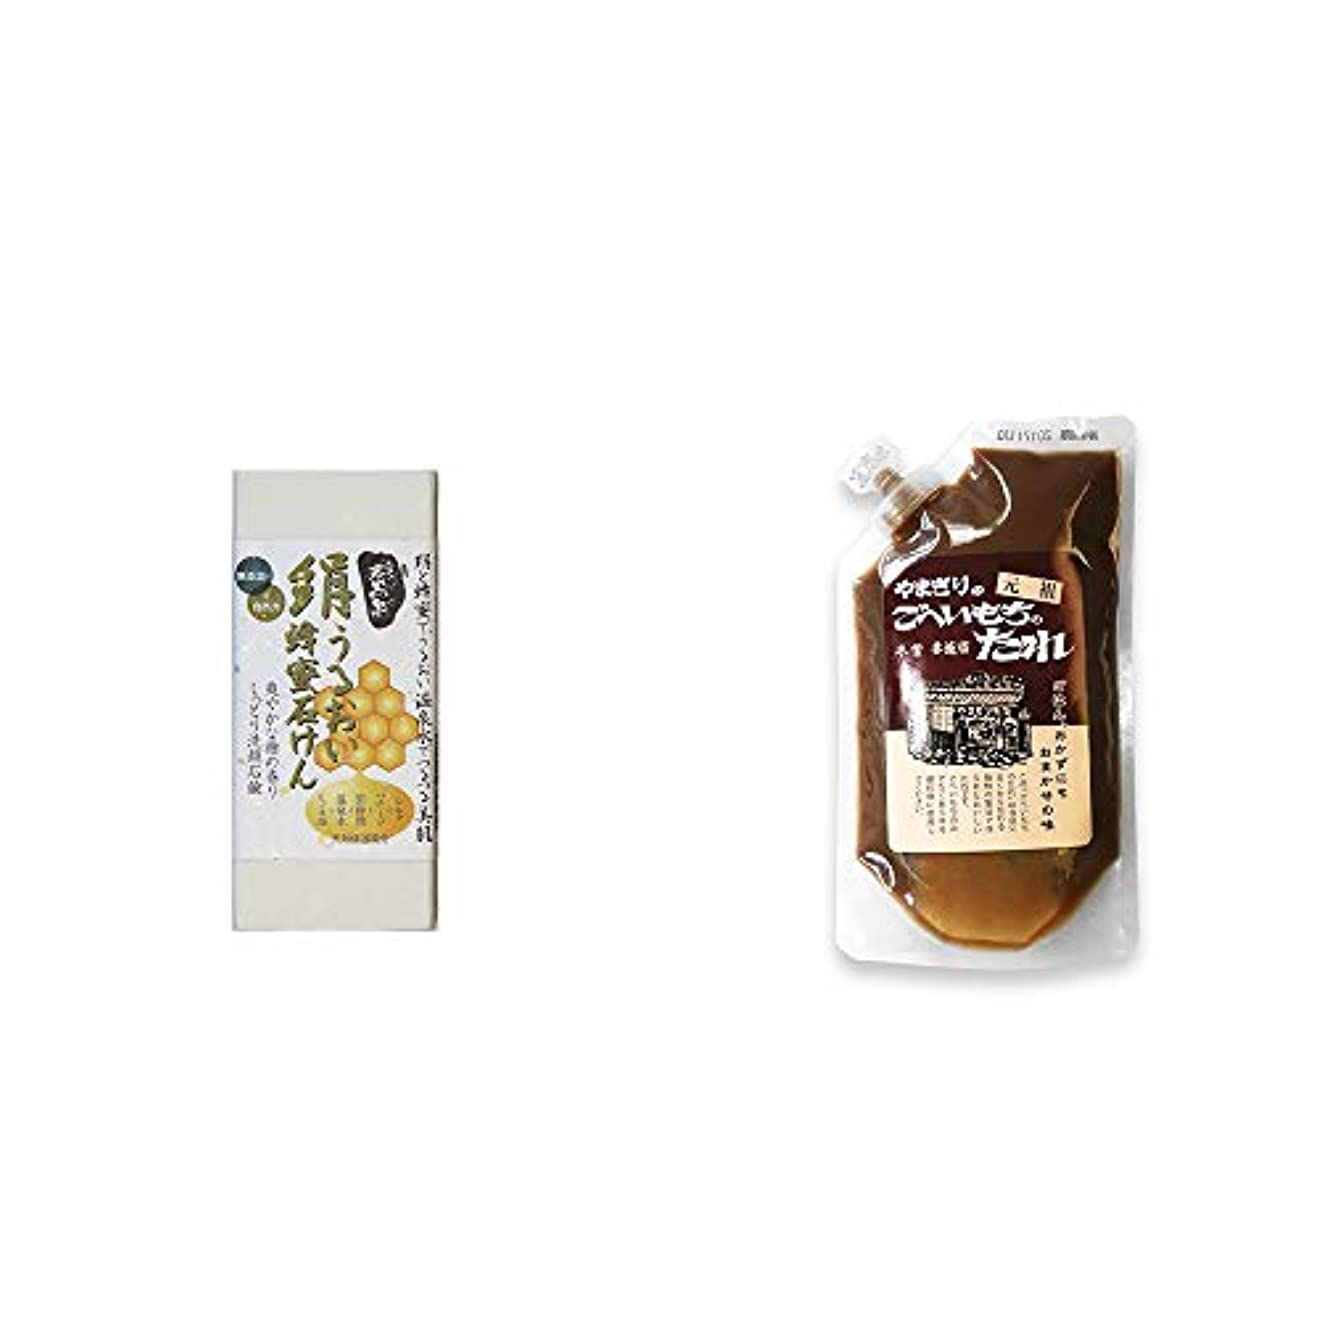 [2点セット] ひのき炭黒泉 絹うるおい蜂蜜石けん(75g×2)?妻籠宿 やまぎり食堂 ごへい餅のたれ(250g)